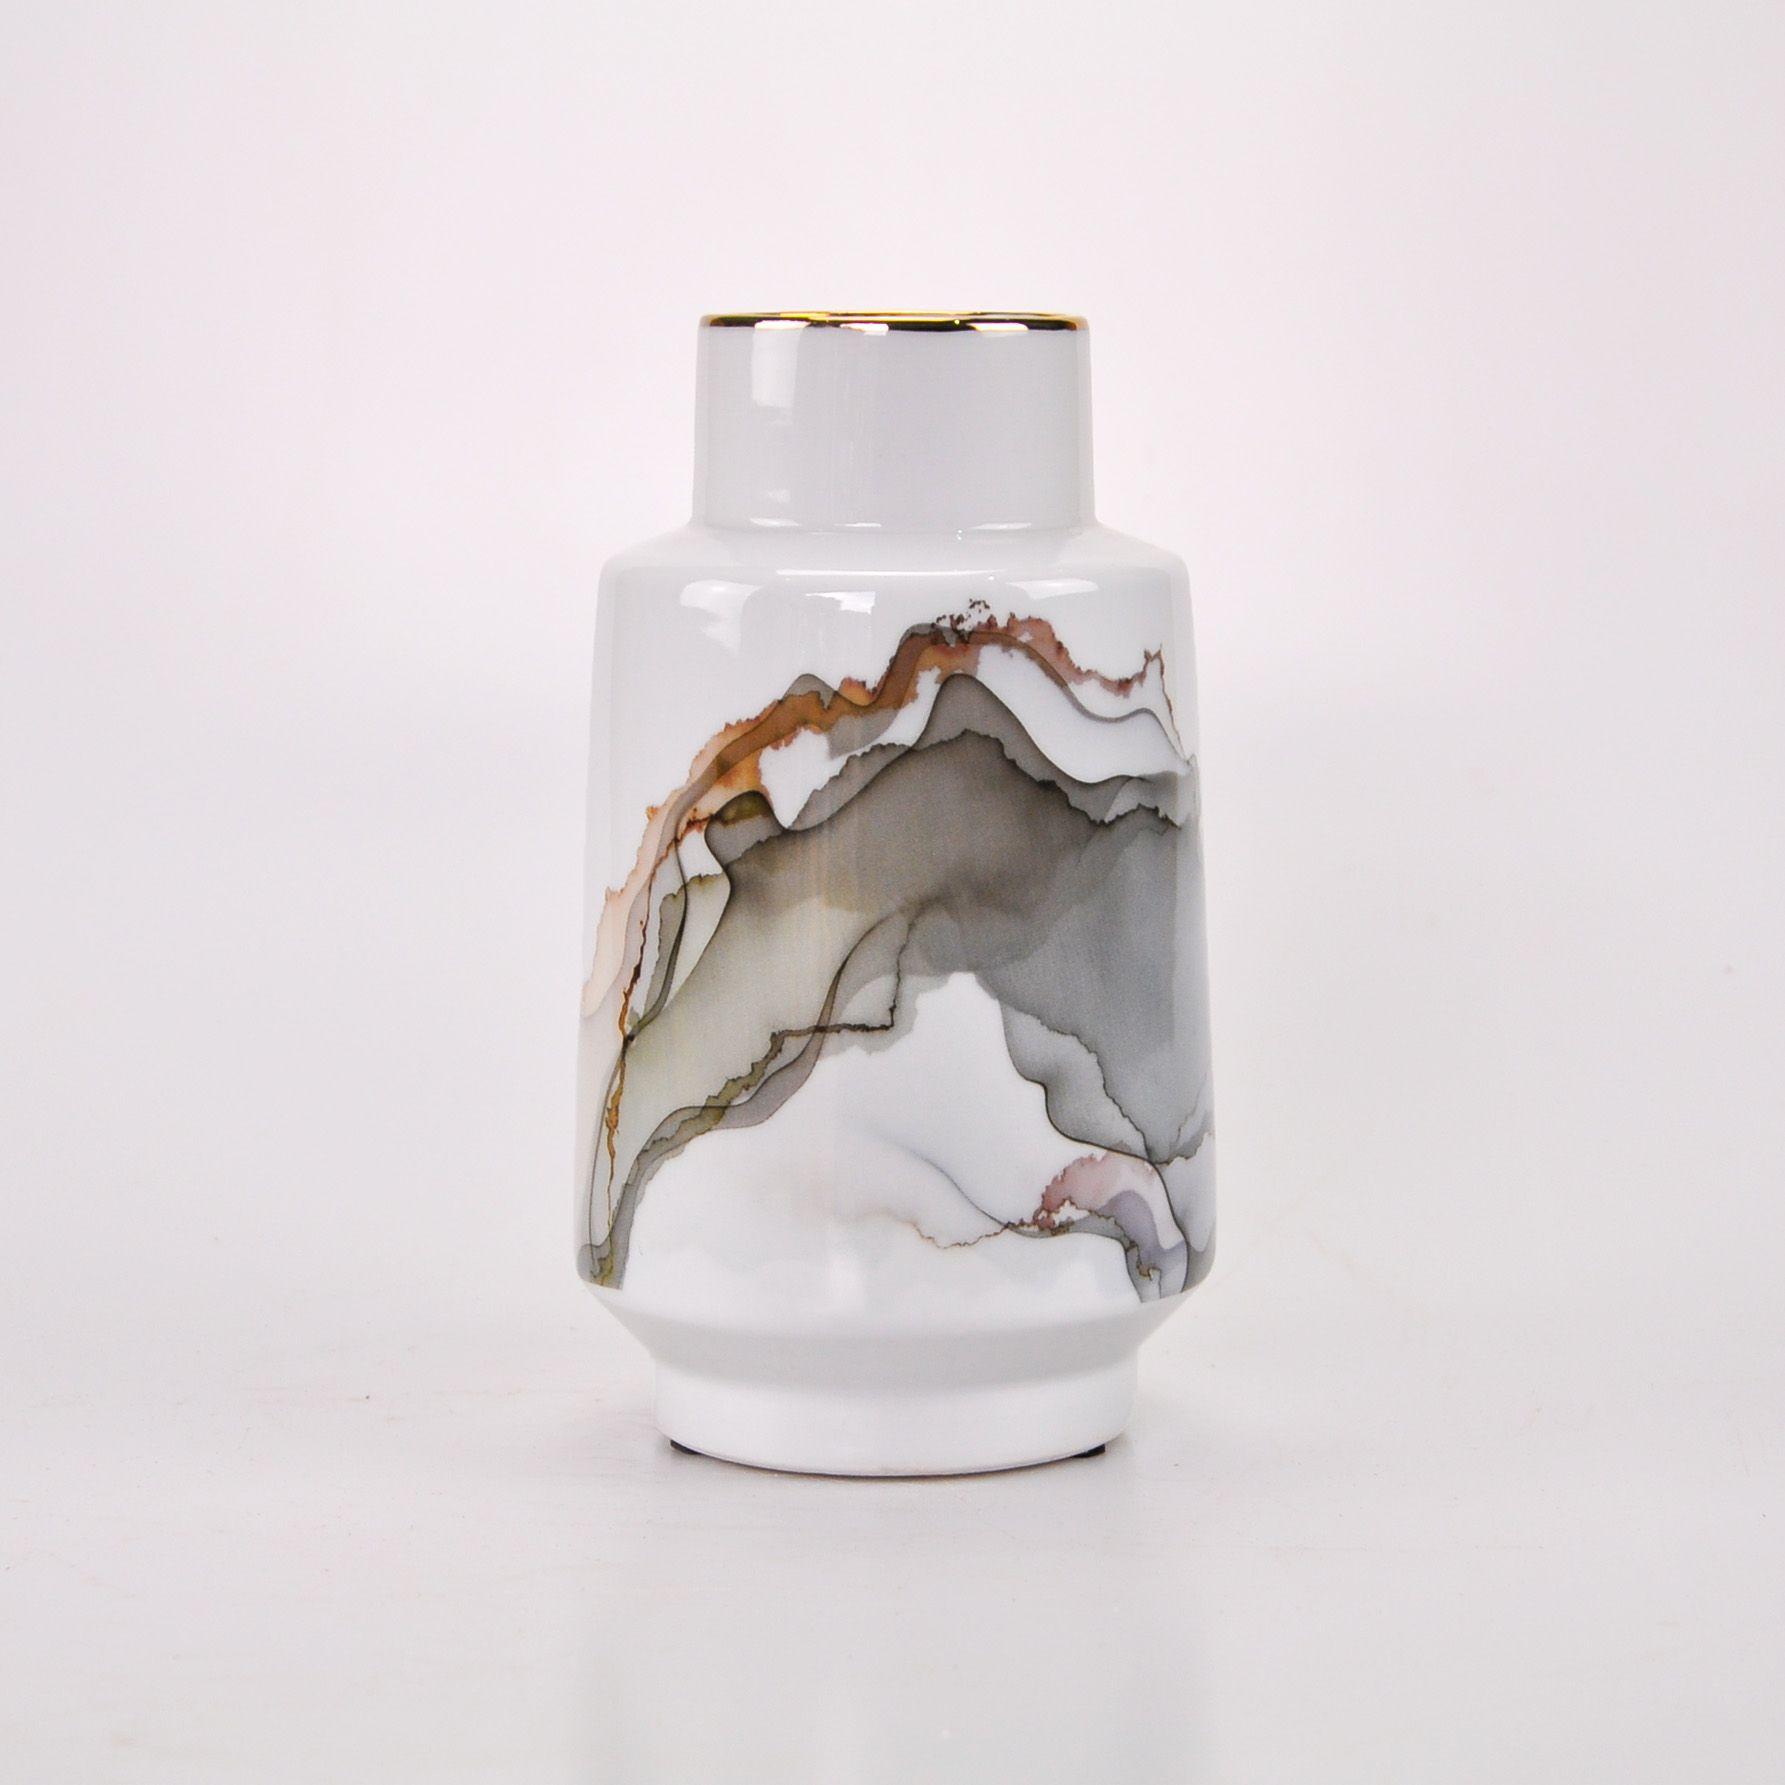 Adorno de cerâmica 20 x 13 cm 60856